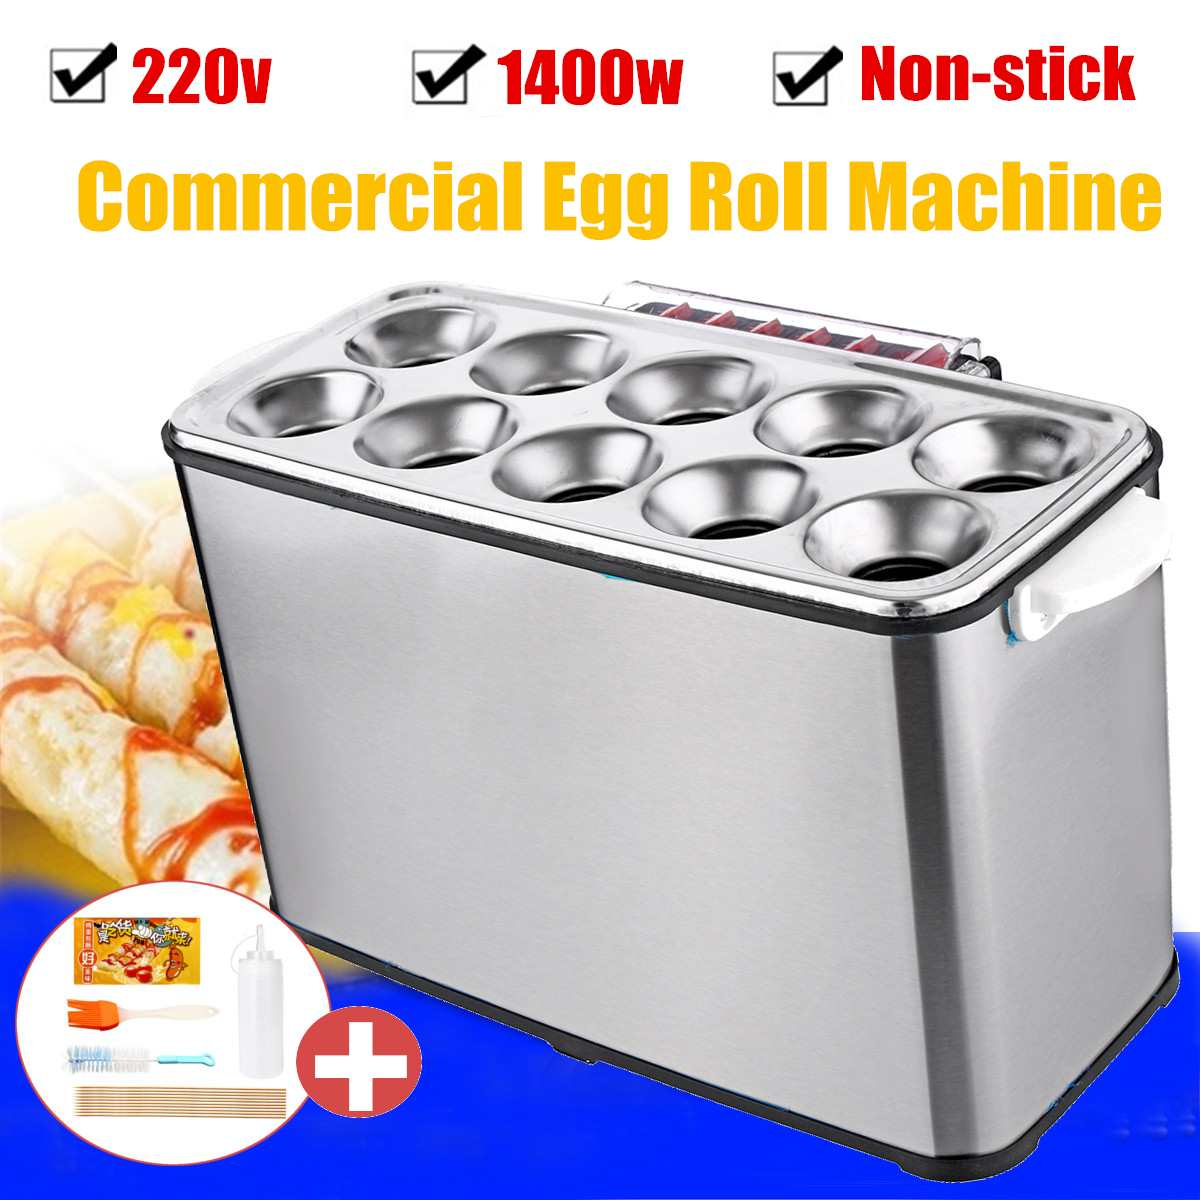 DIY Fabricante de Omelete de Ovo Máquina de Rolo Automático Fogão Elétrico 1400 W 220 V Acessórios de Cozinha Aparelho De Cozinha Comercial